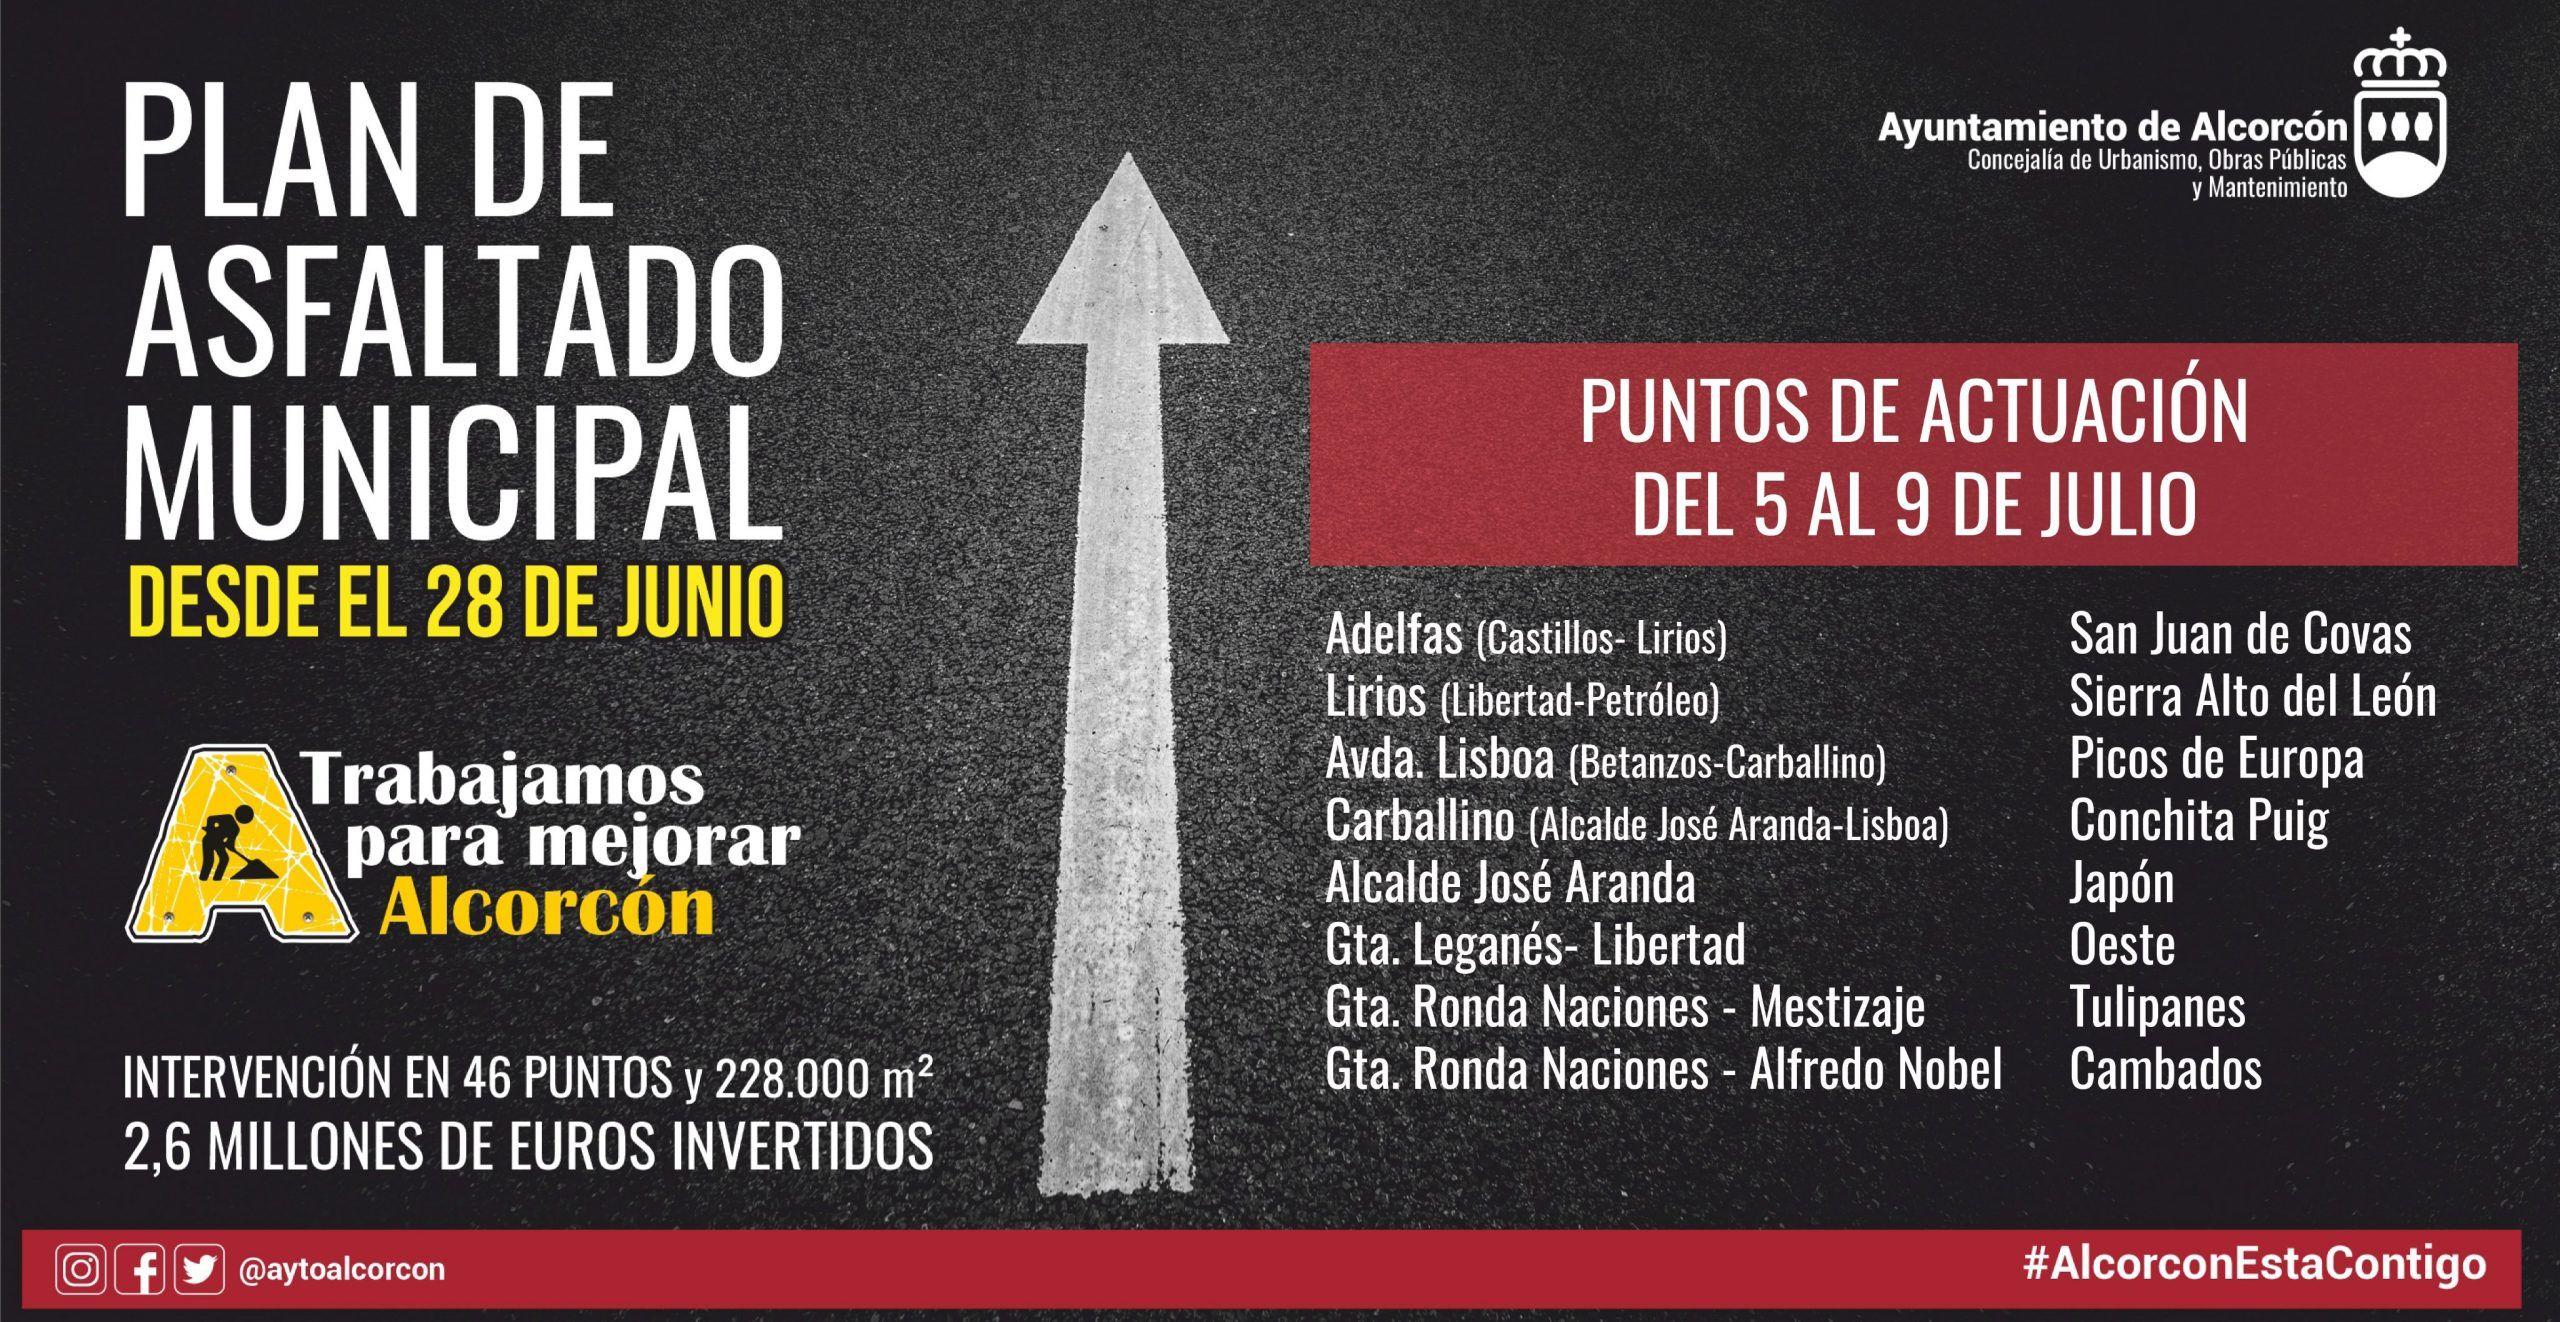 Desde la noche del domingo 4 julio y durante los próximos días. Cortes de tráfico y desvío de autobuses en Alcorcón.